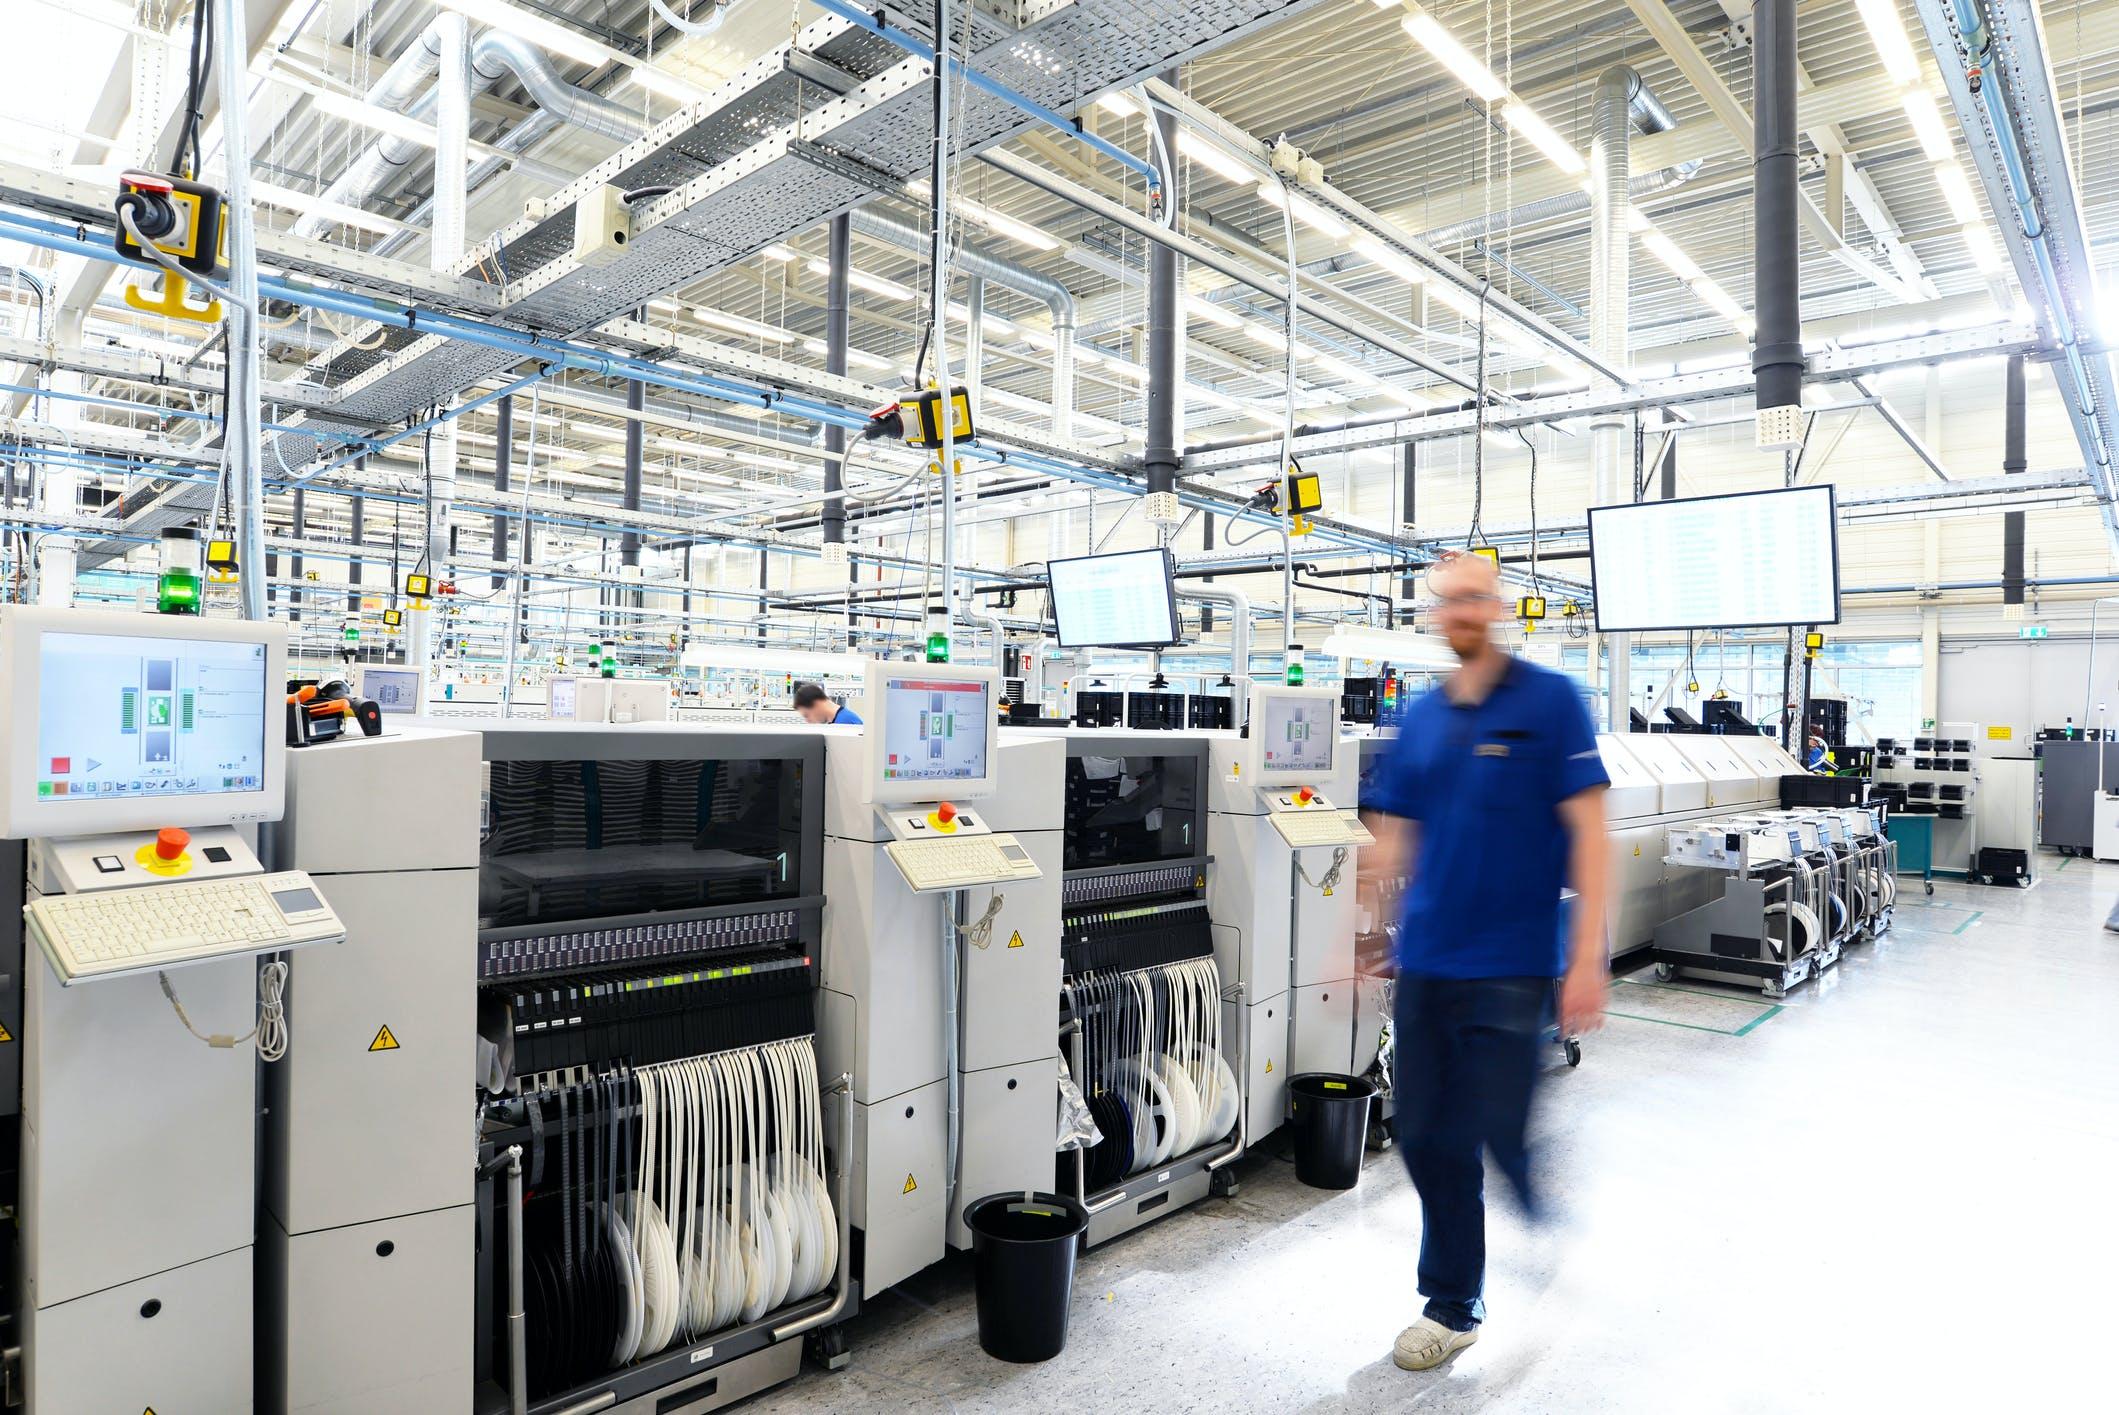 Ein Mitarbeiter läuft durch eine Werkhalle mit SMD-Spulen.